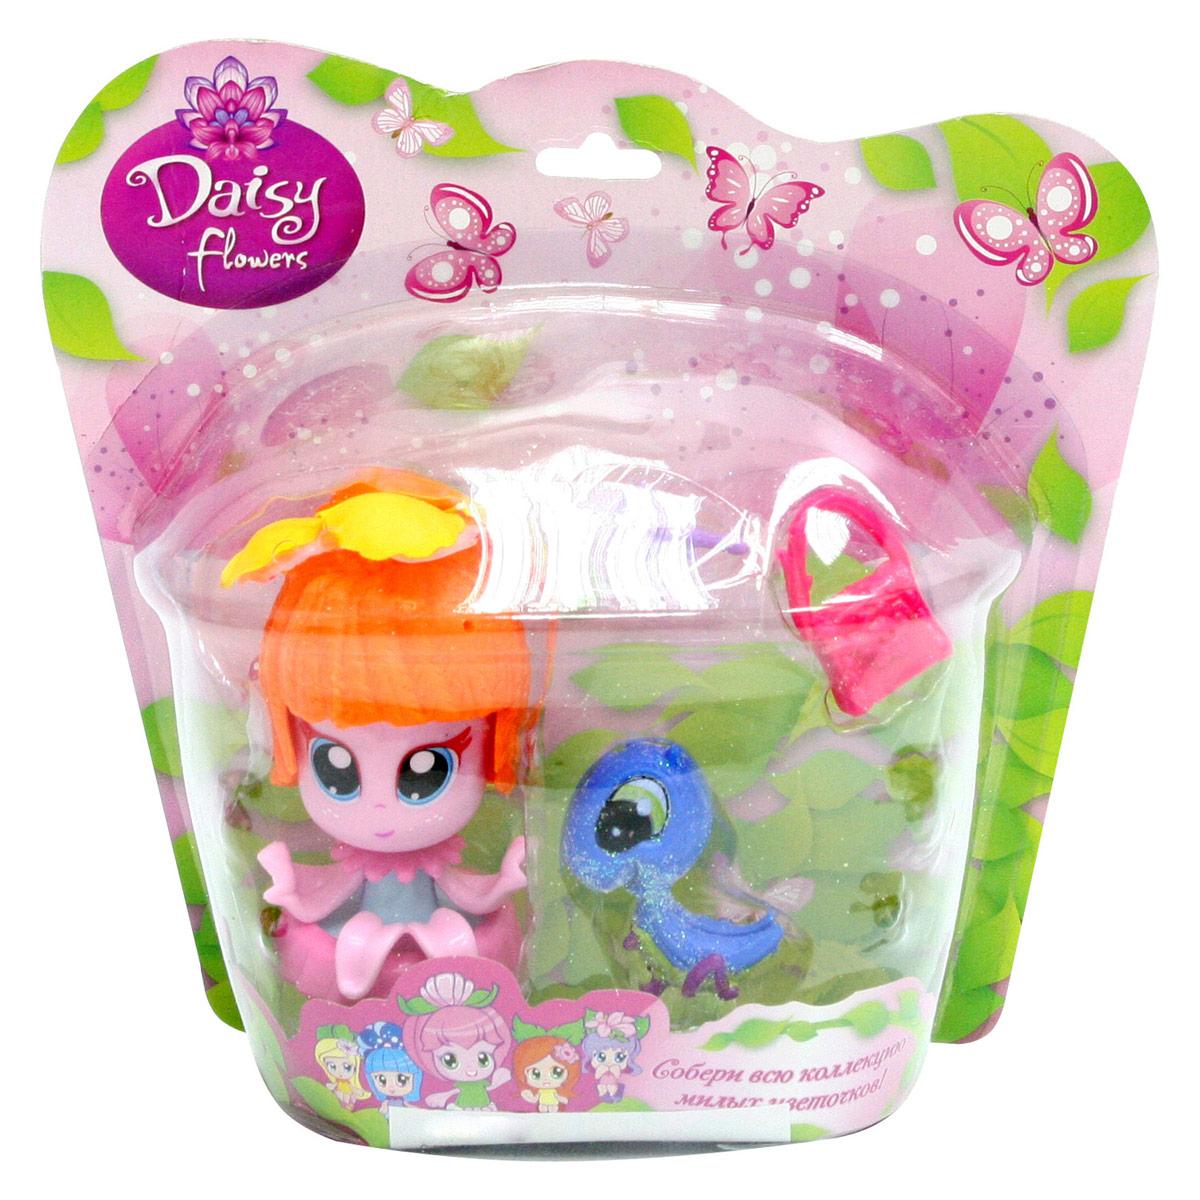 Daisy Мини-кукла Цветочек цвет оранжевый розовый